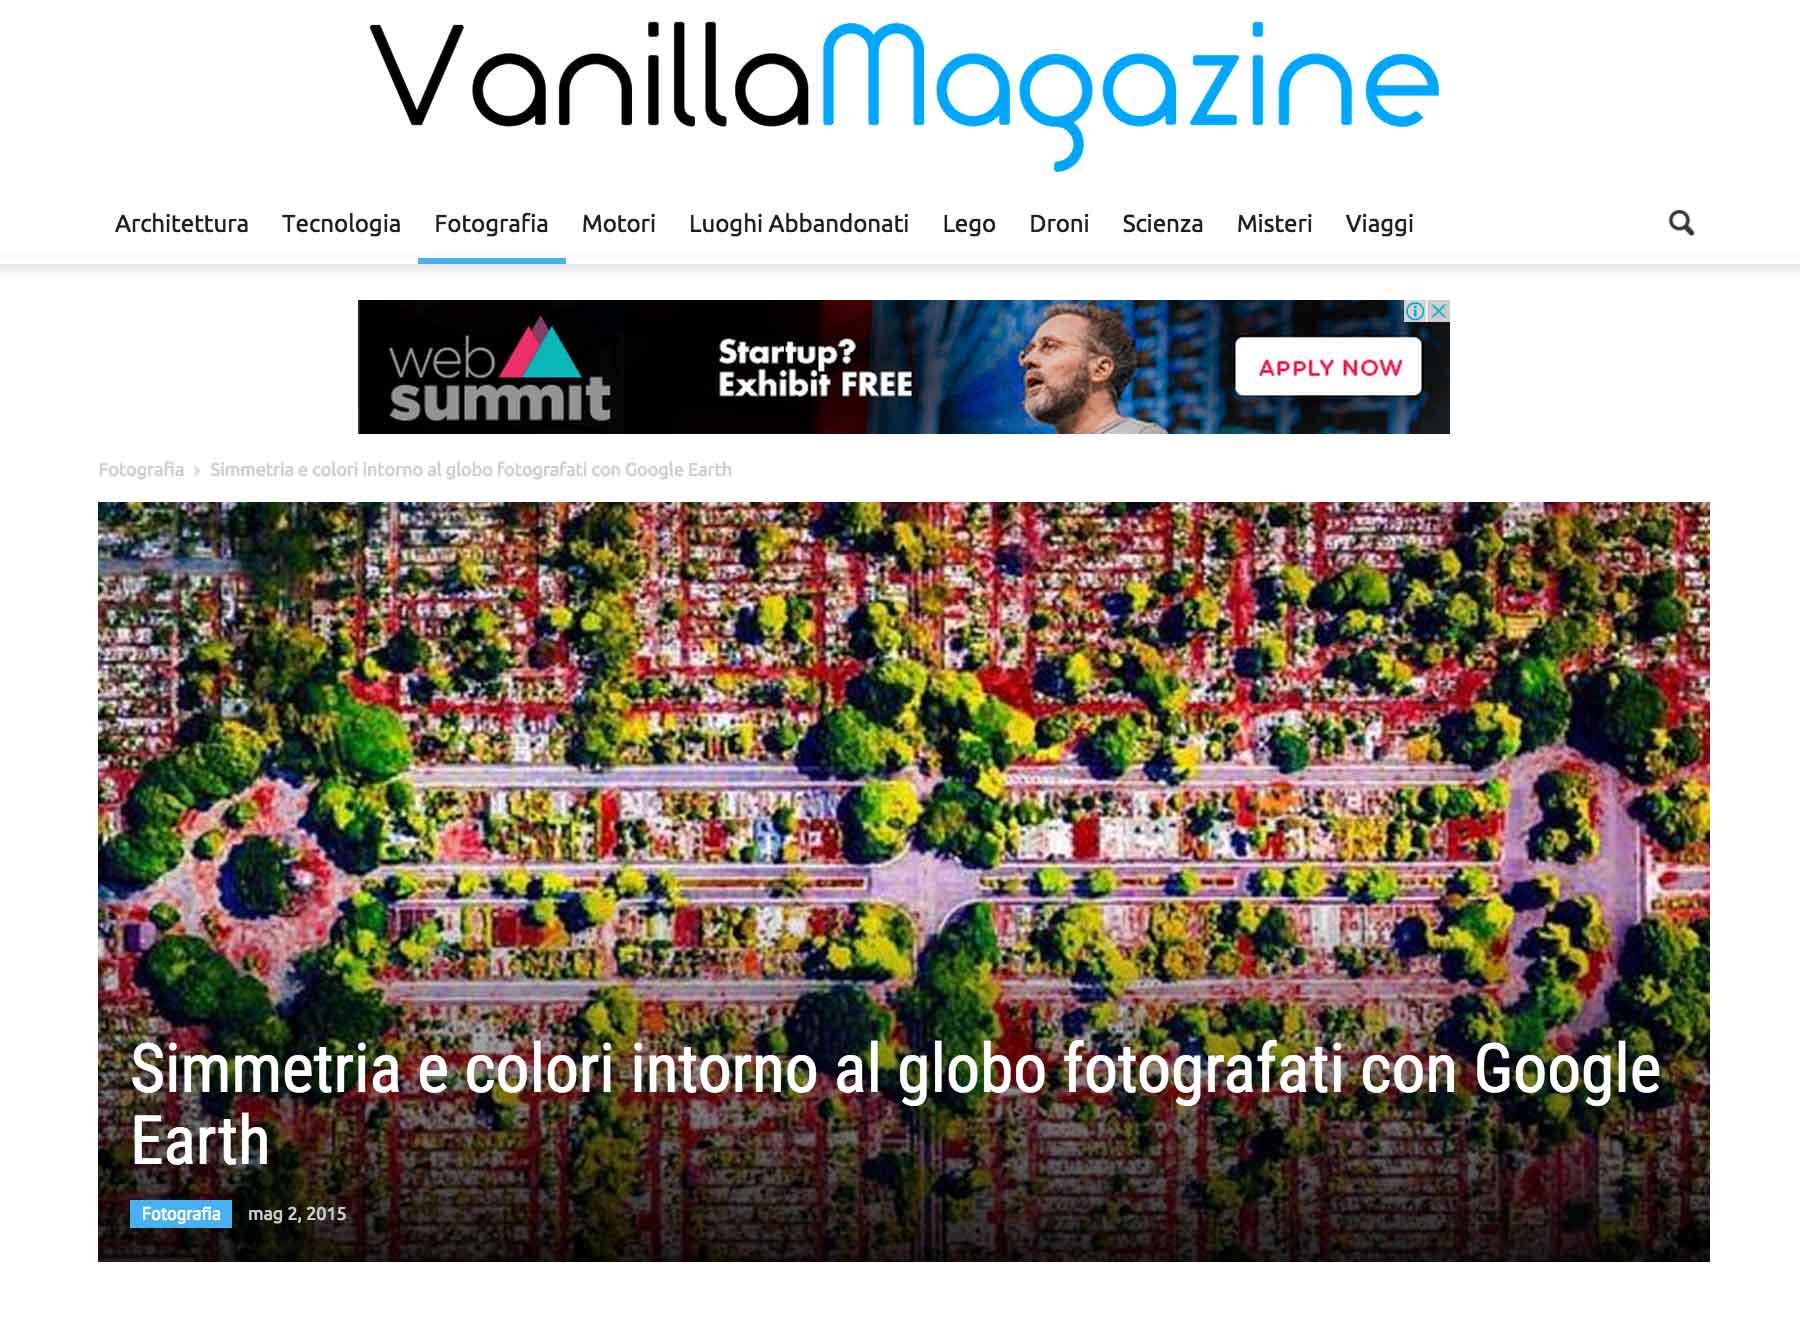 Vanilla Magazine - IT